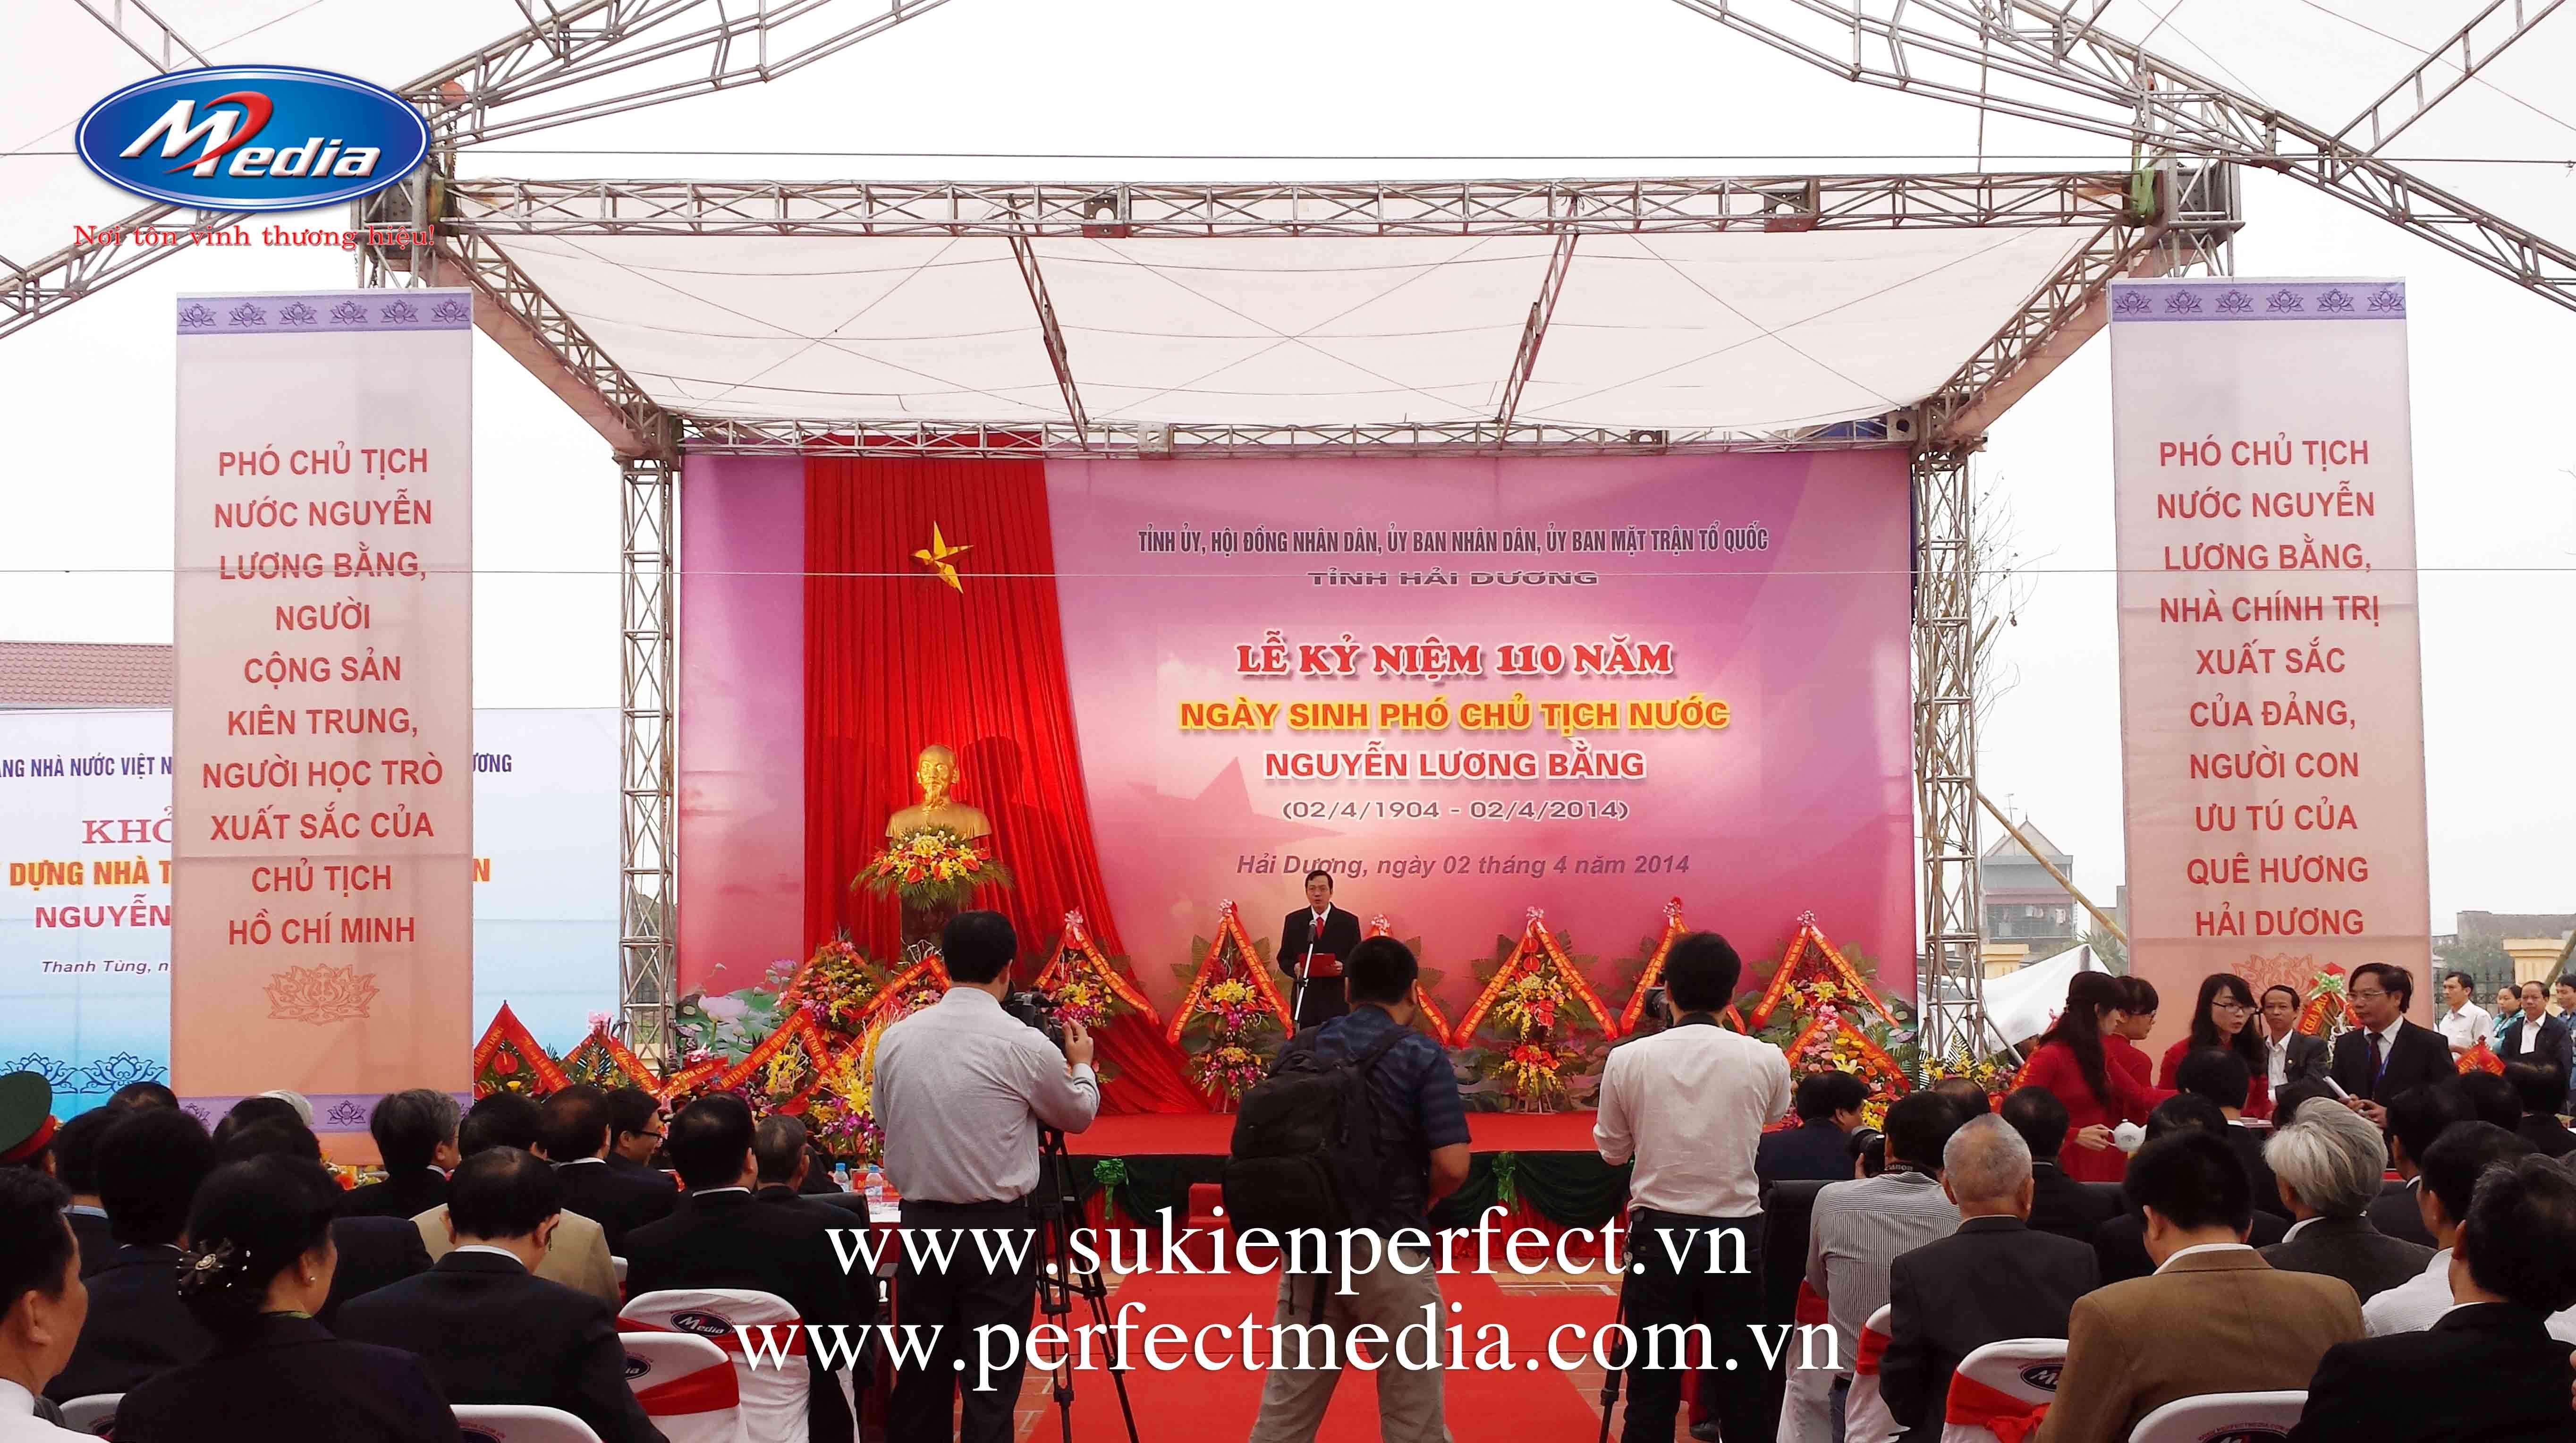 Lễ kỷ niệm 110 năm ngày sinh Phó Chủ tịch Nước Nguyễn Lương Bằng năm 2014